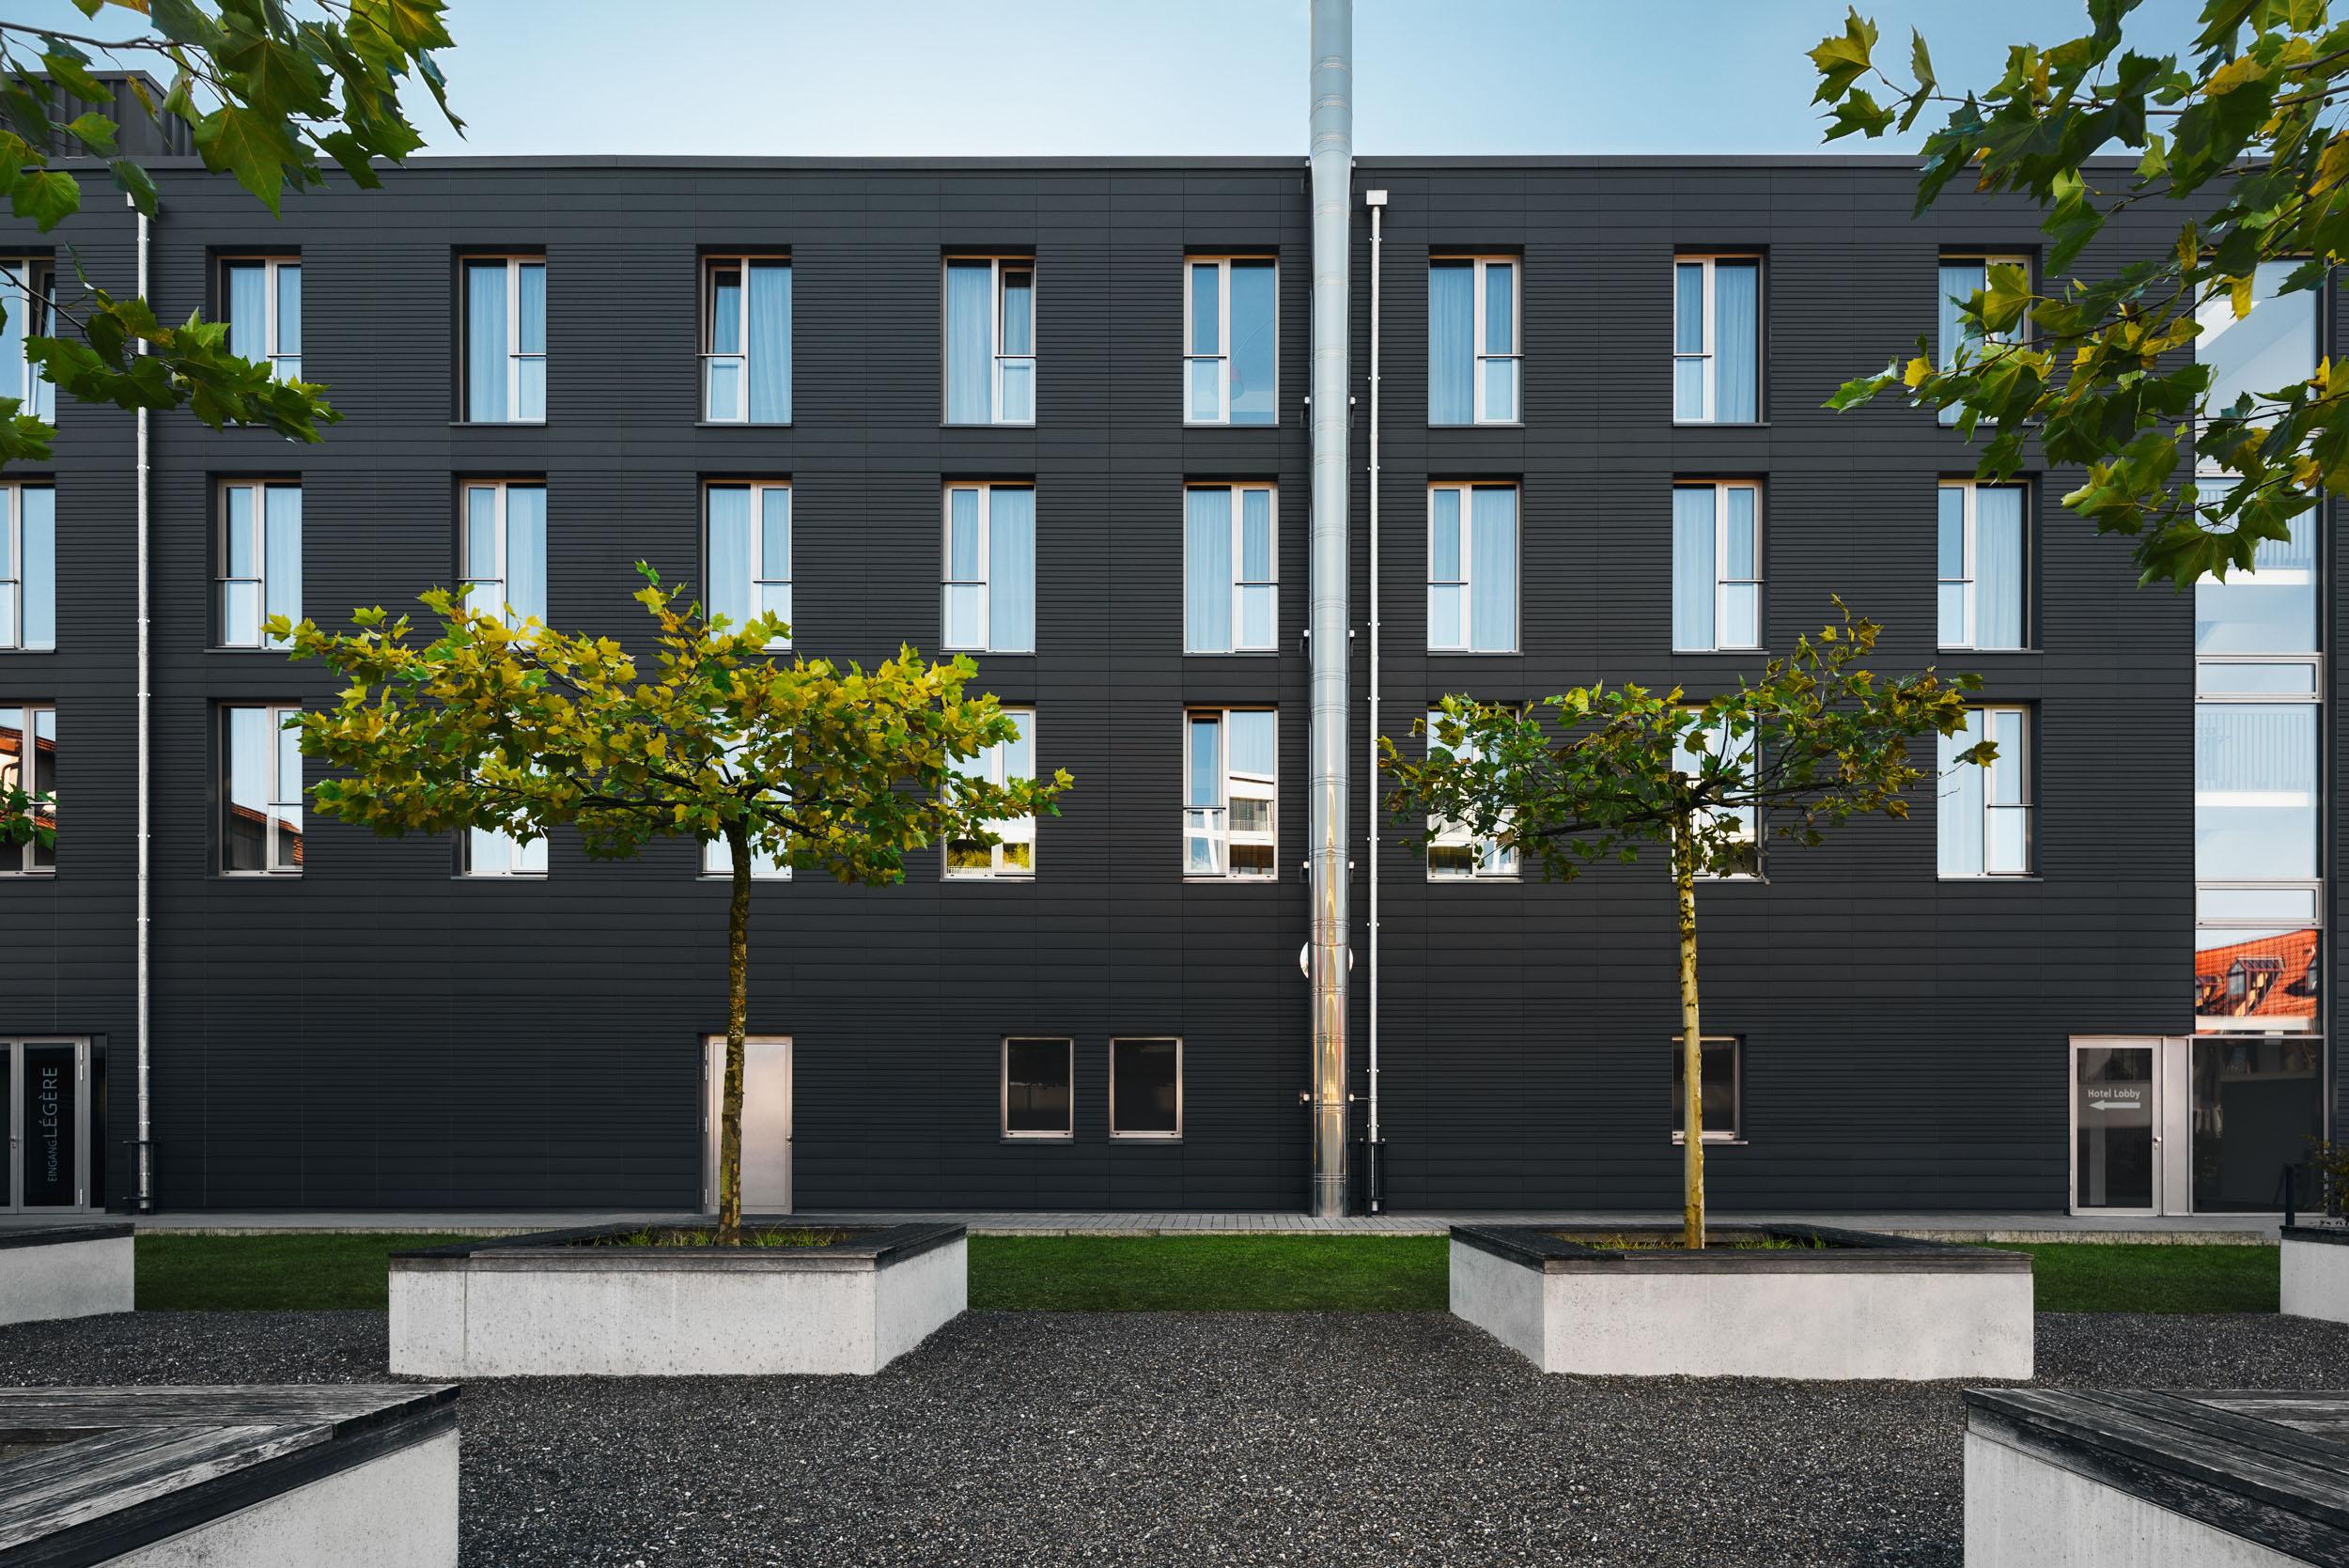 Gustav-Epple-Bauunternehmung-Legere-Hotel-Tuttlingen-MLX8400